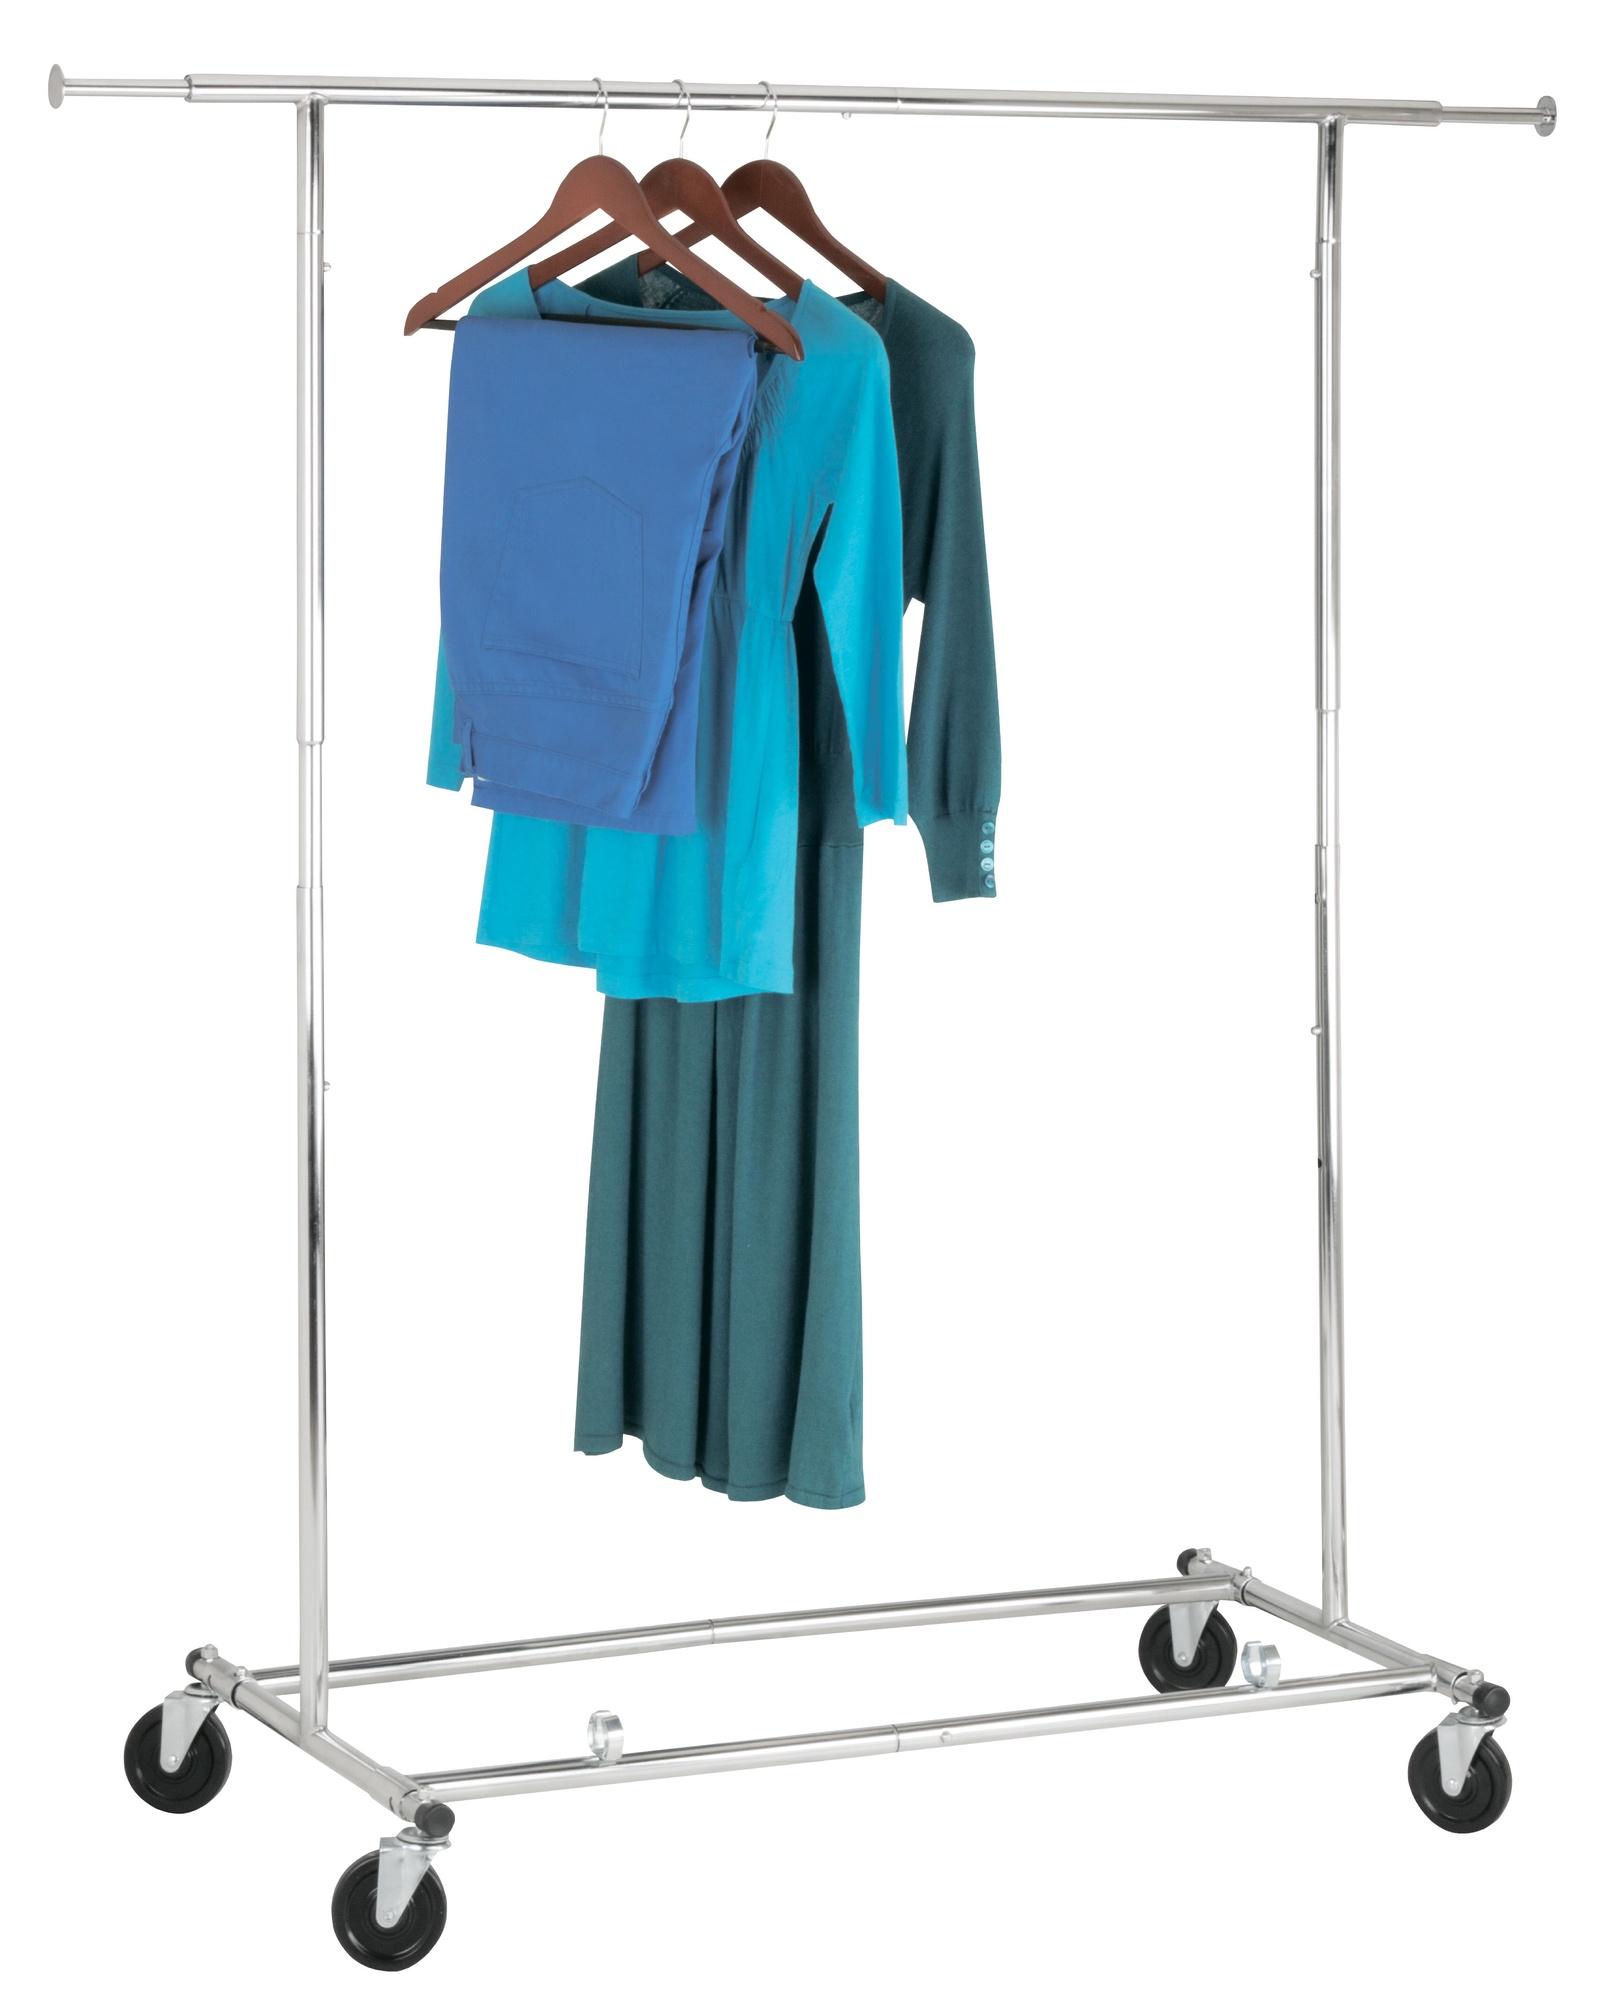 Вешалка напольная UniStor Напольная вешалка для одежды